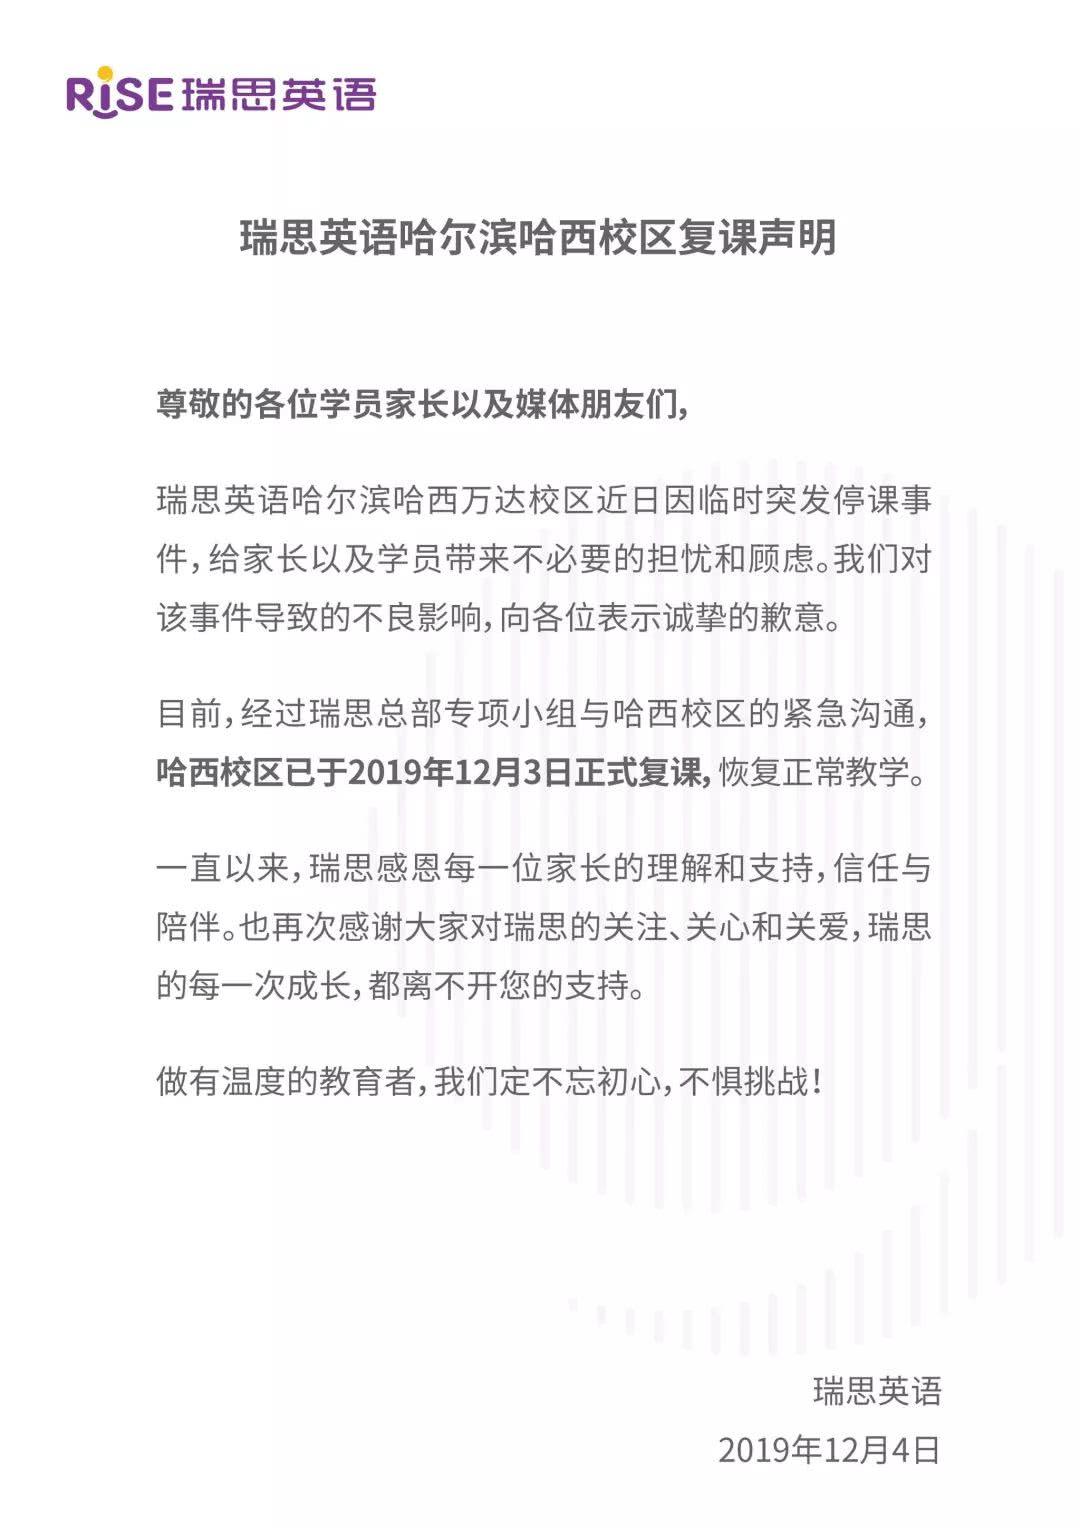 """英语培训机构""""瑞思""""哈尔滨万达校区恢复教学"""